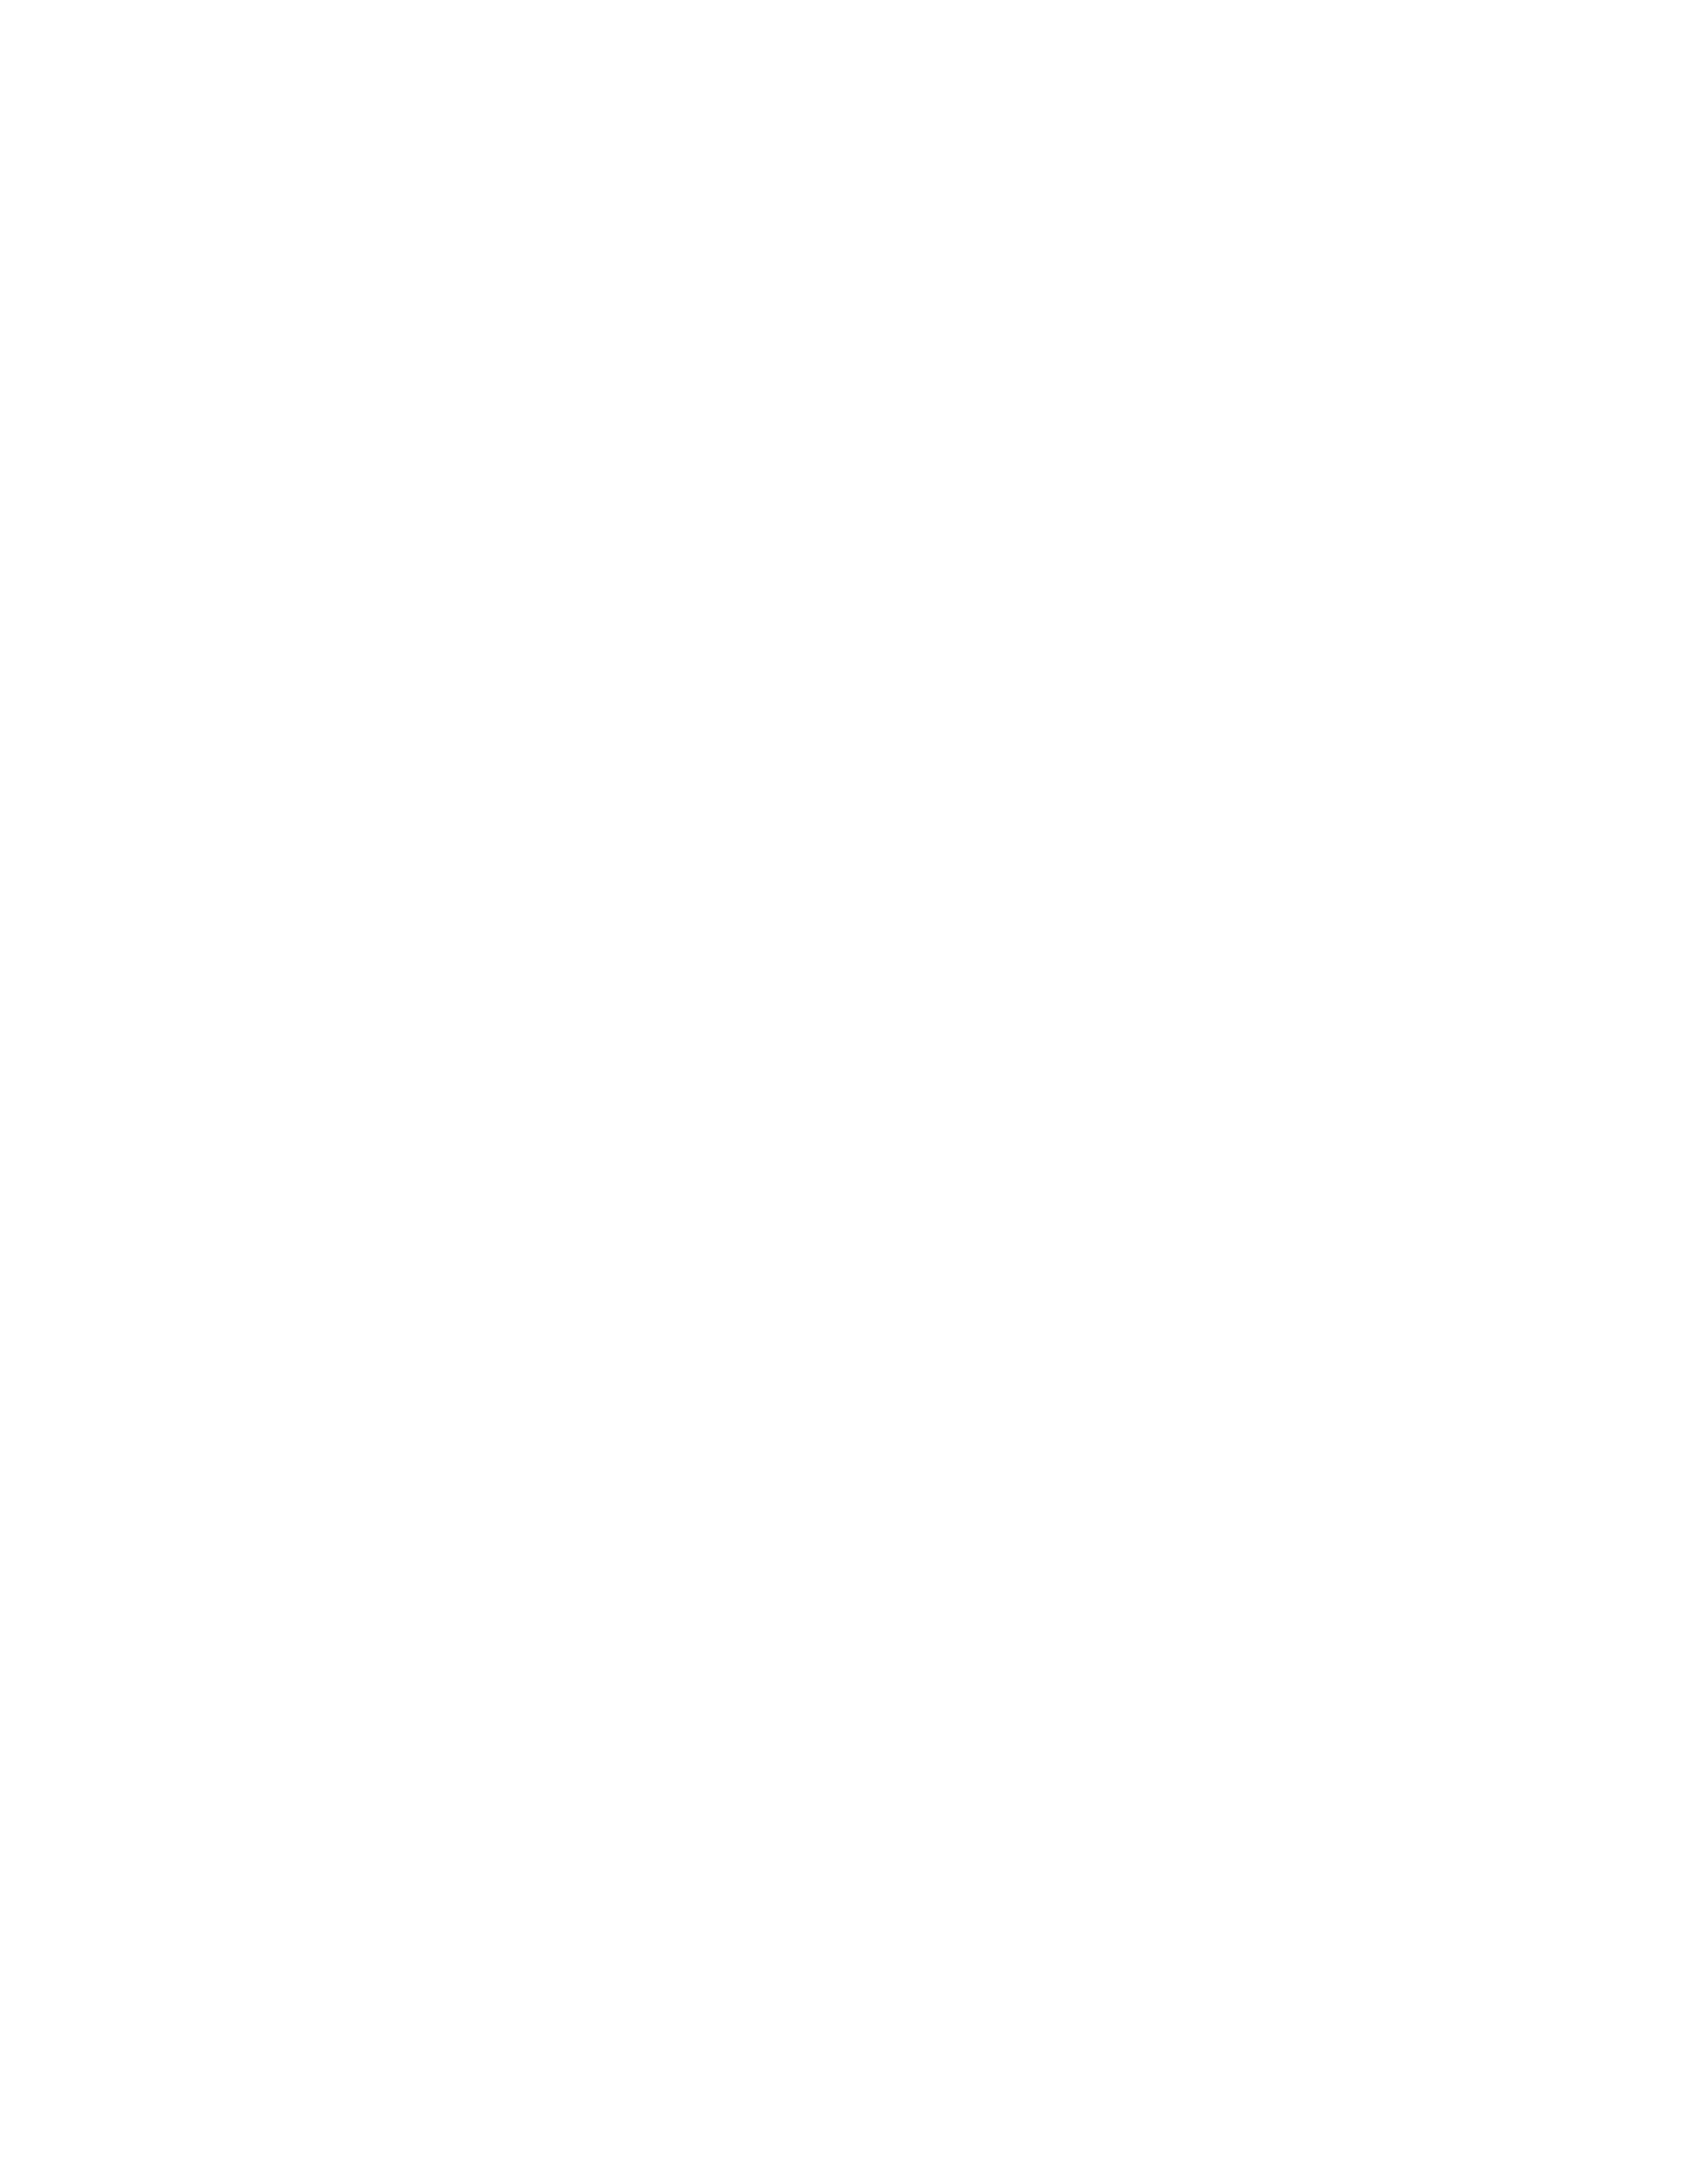 Sam BIÉ